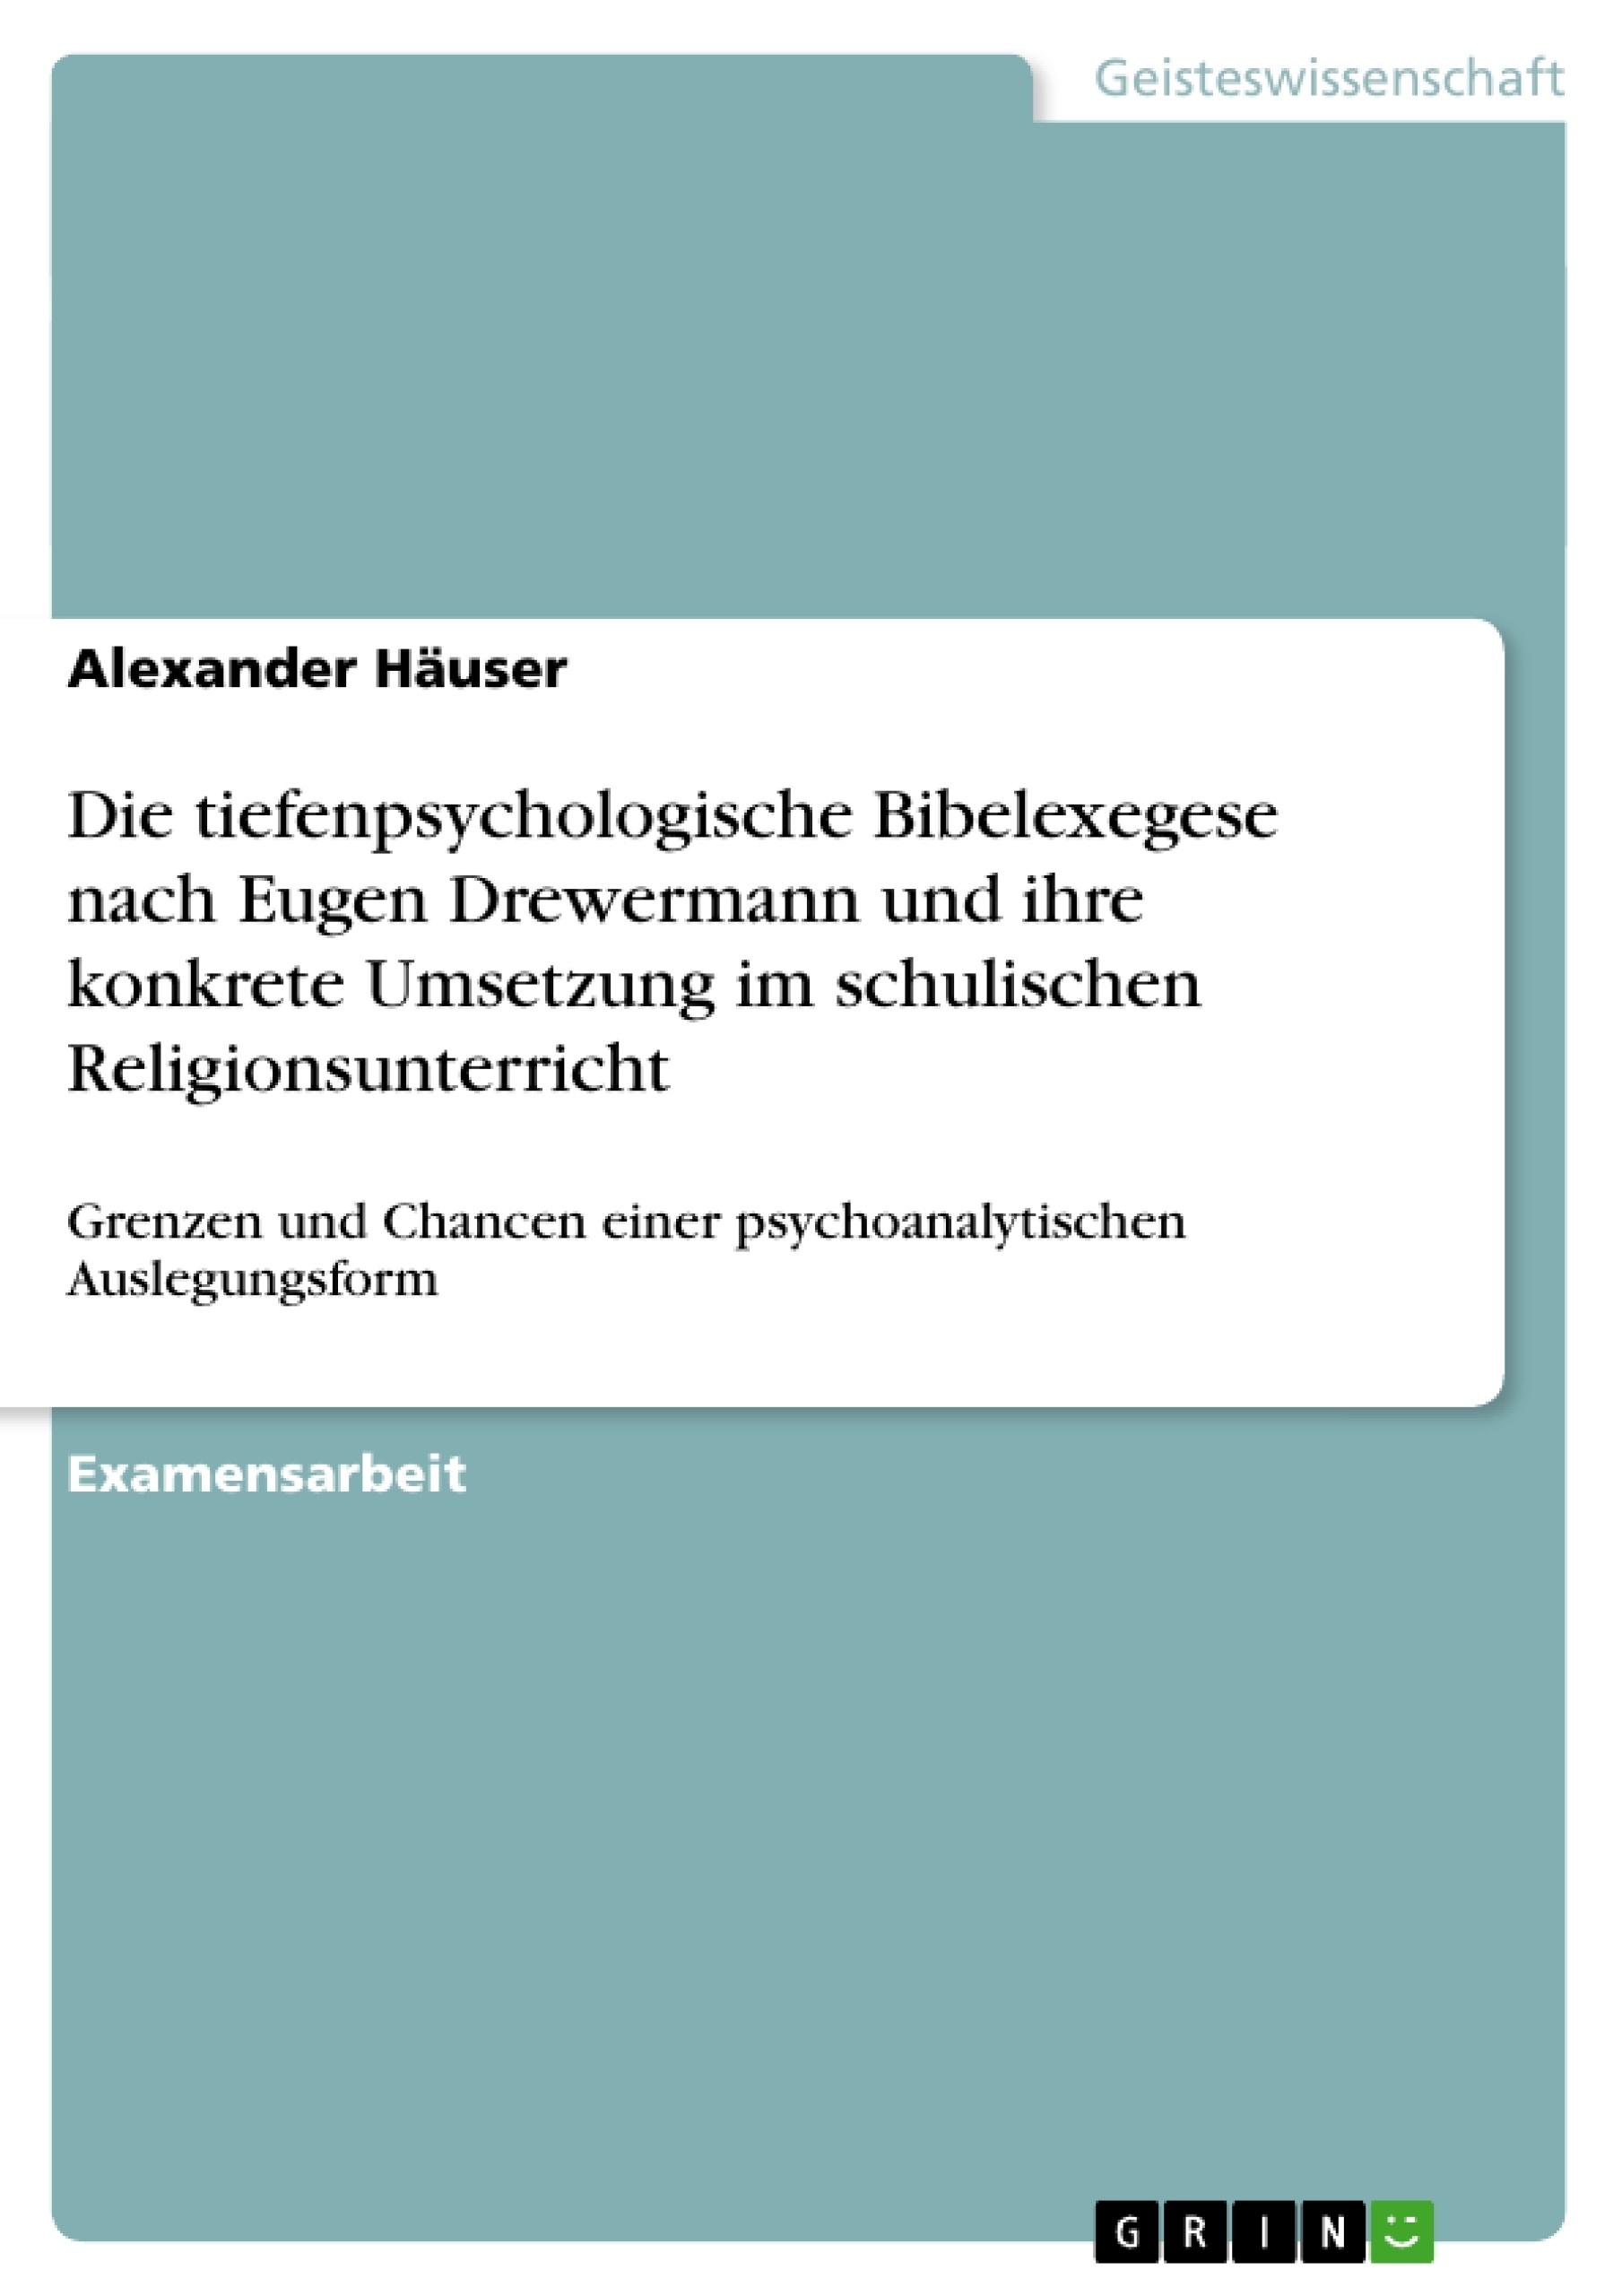 Titel: Die tiefenpsychologische Bibelexegese nach Eugen Drewermann und ihre konkrete Umsetzung im schulischen Religionsunterricht